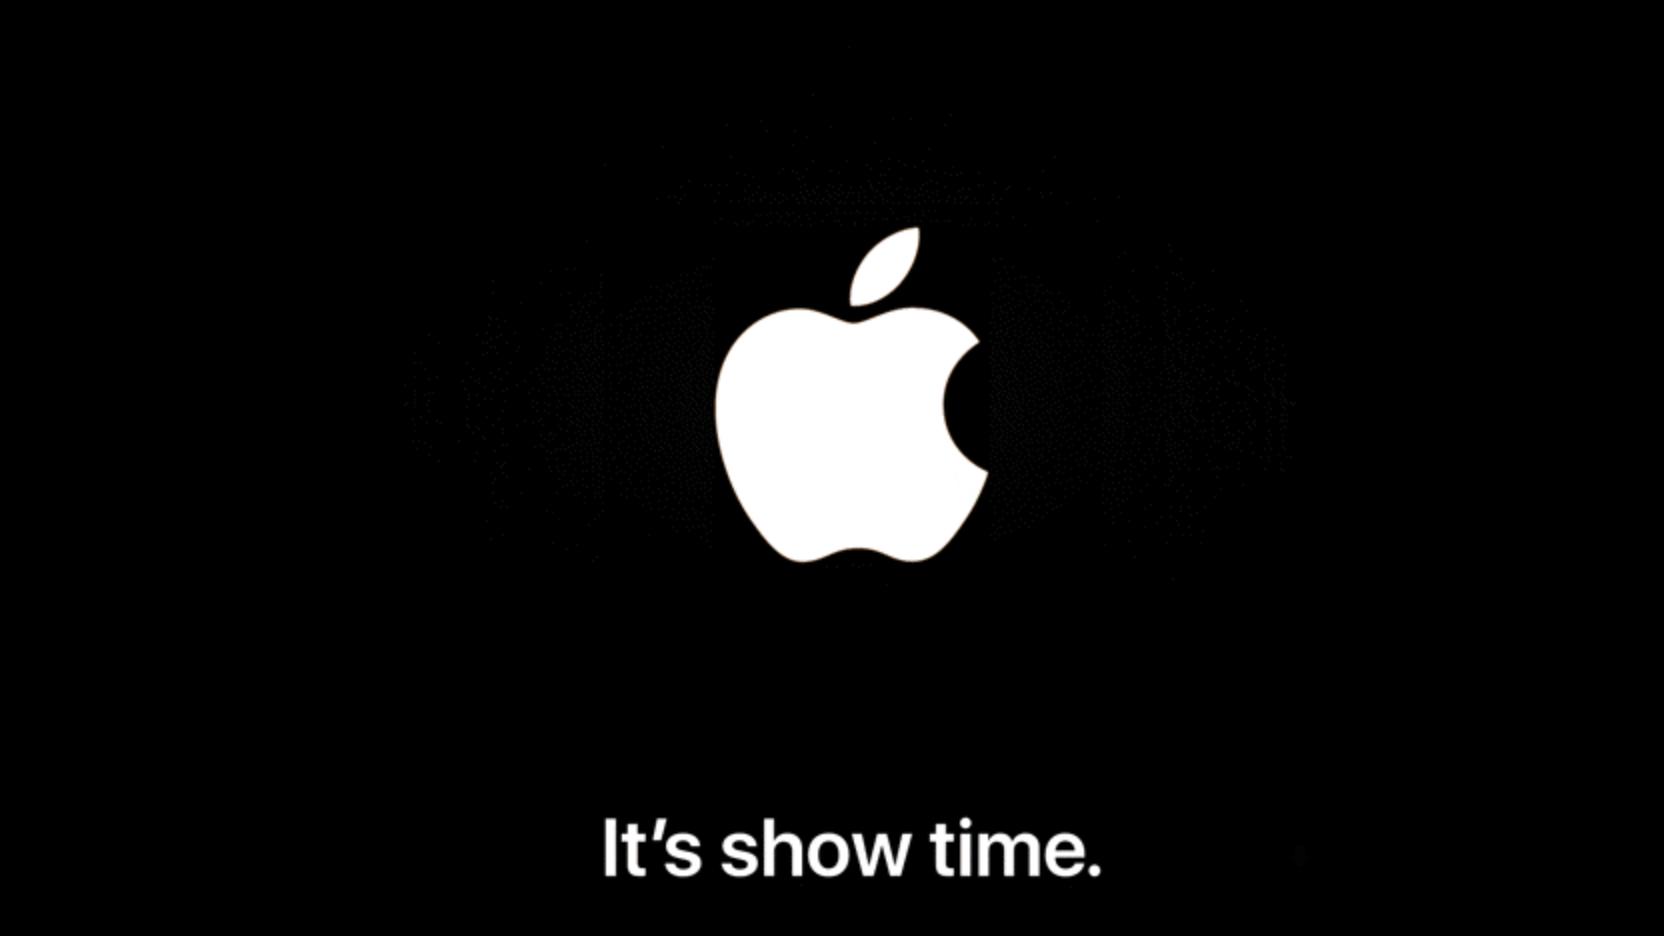 Den 25. mars får vi vite mer om Apples nye strømmetjeneste.